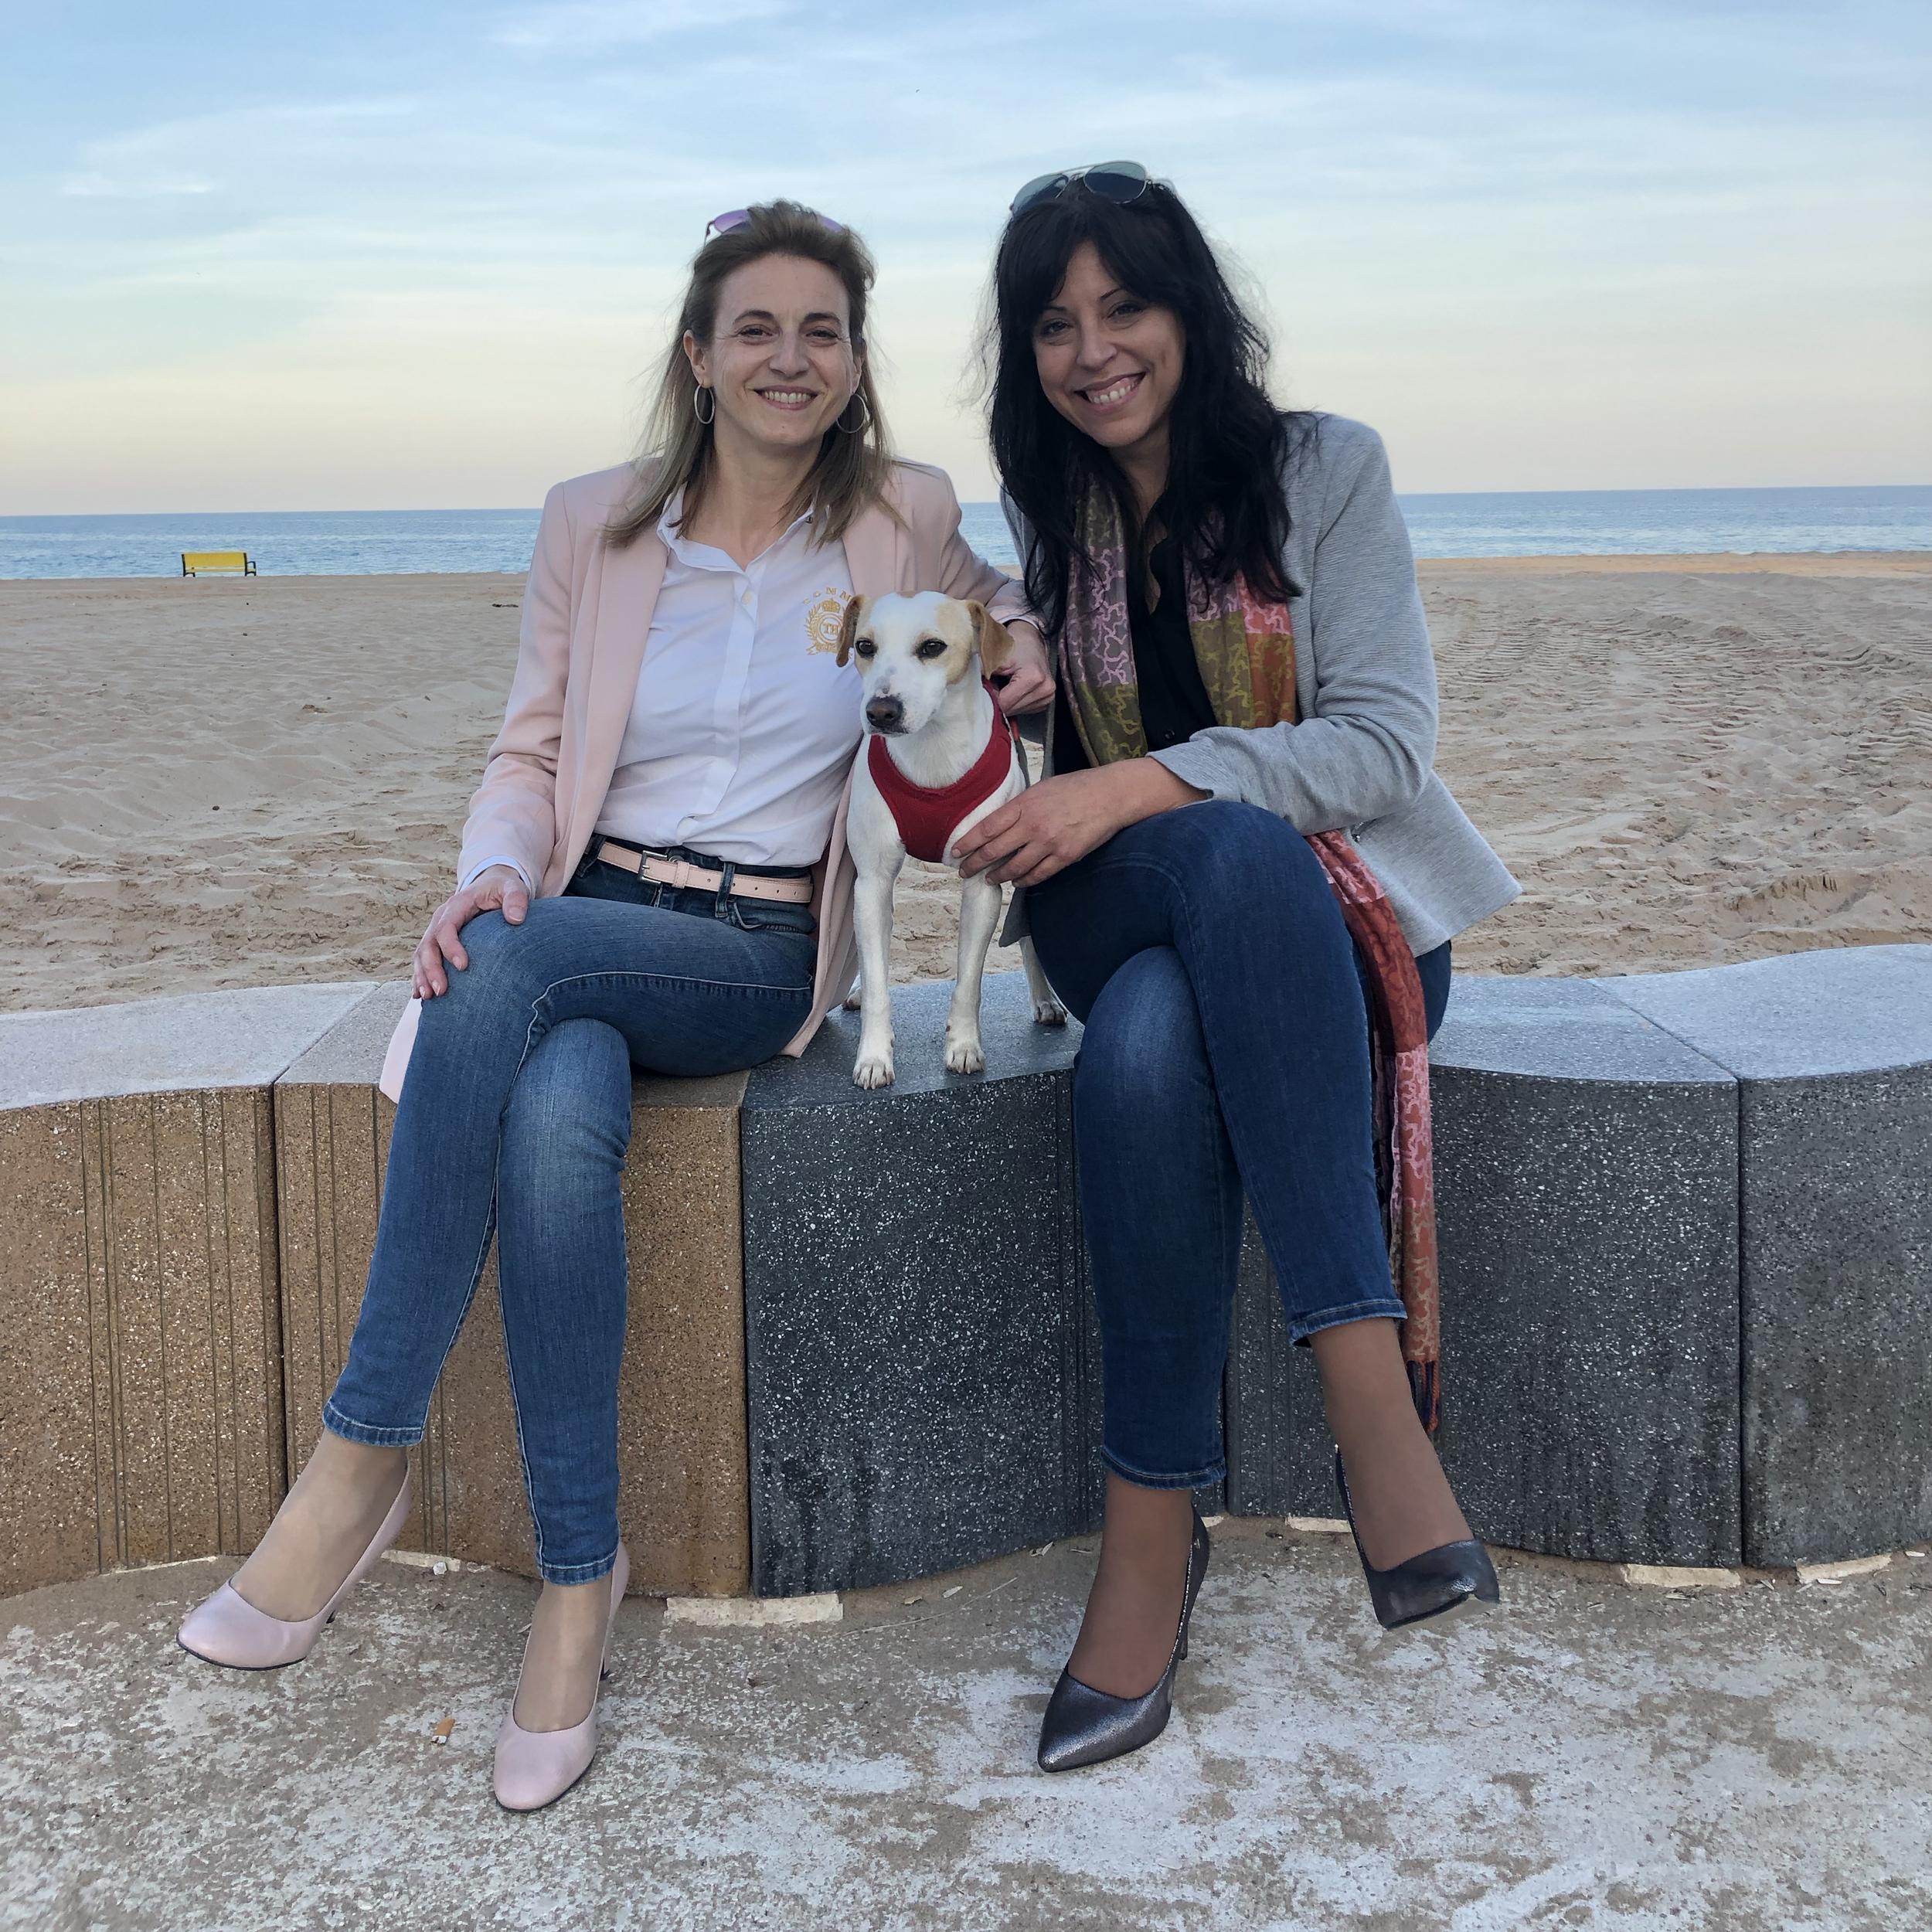 Con Rosana y Yolanda en Alicante.